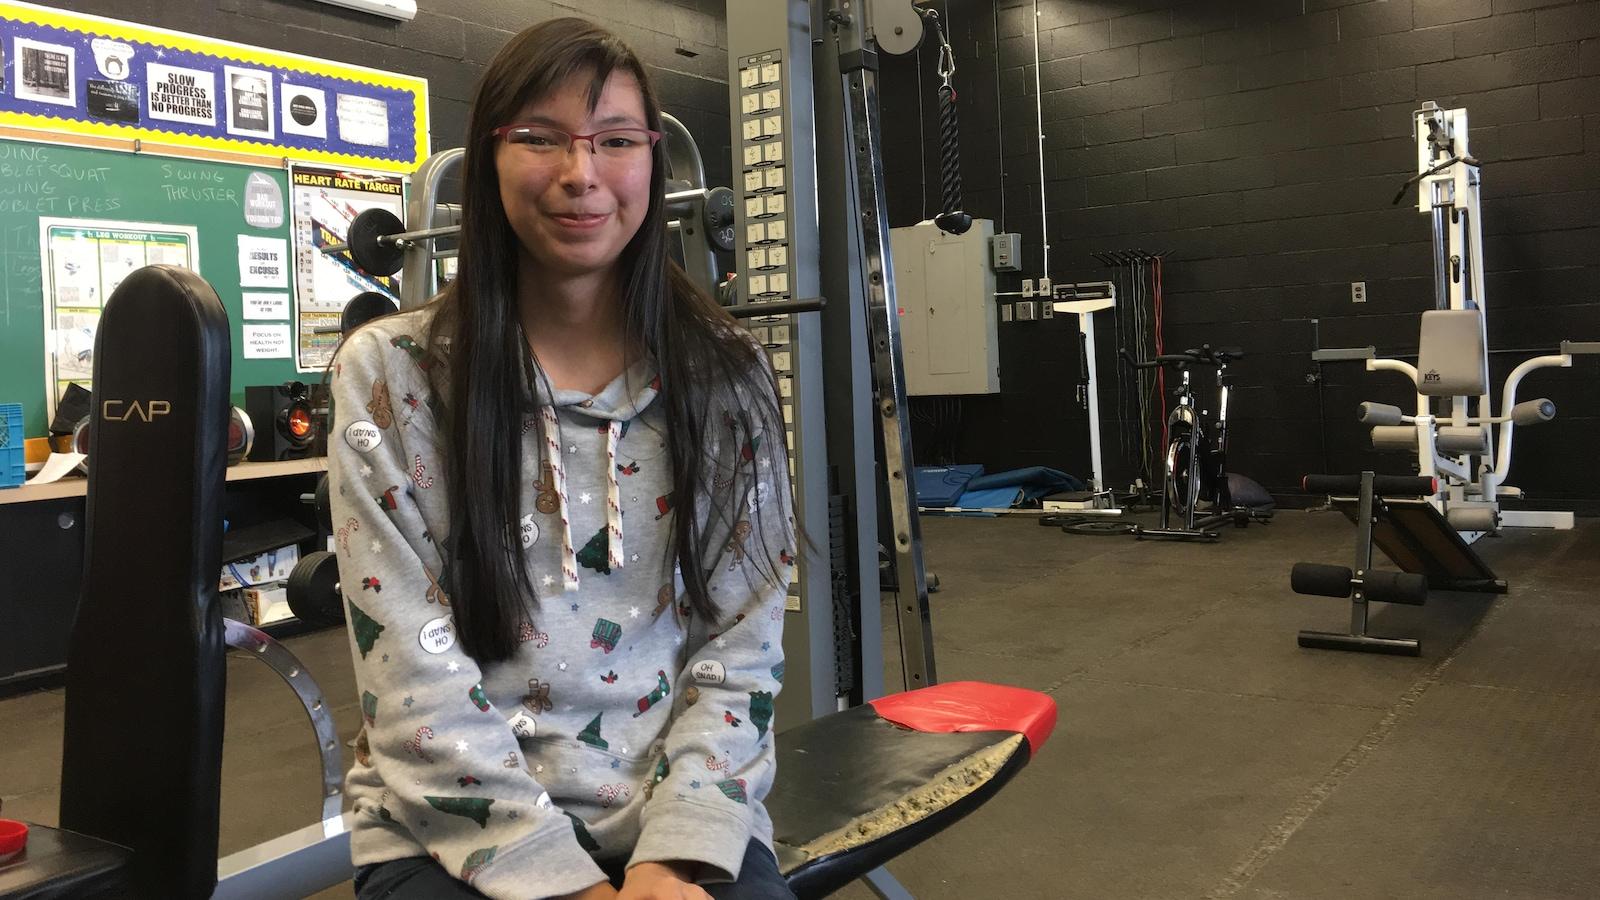 Alaina Sakchekapo, élève en dernière année à l'école secondaire Dennis Franklin Cromarty et membre de l'équipe de lutte, assise sur un banc dans une salle d'entraînement.